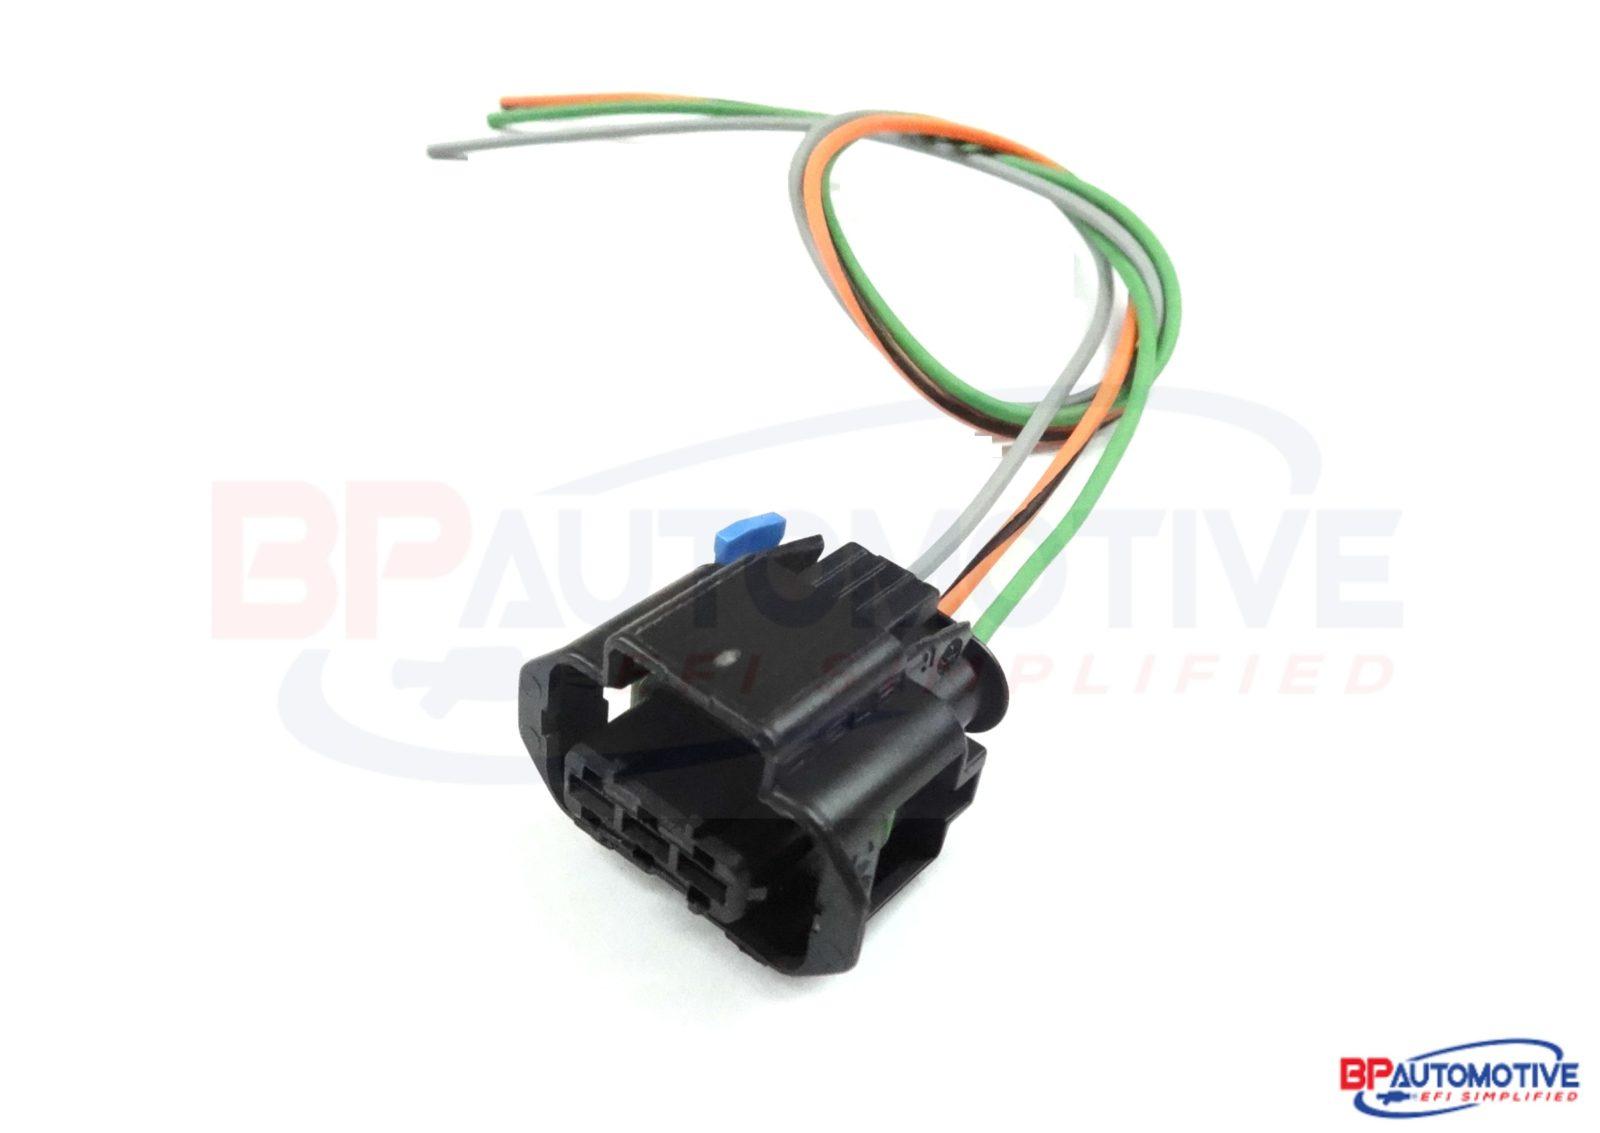 Ls3 L99 L76 Lsa Ls9 Map Sensor Pigtail